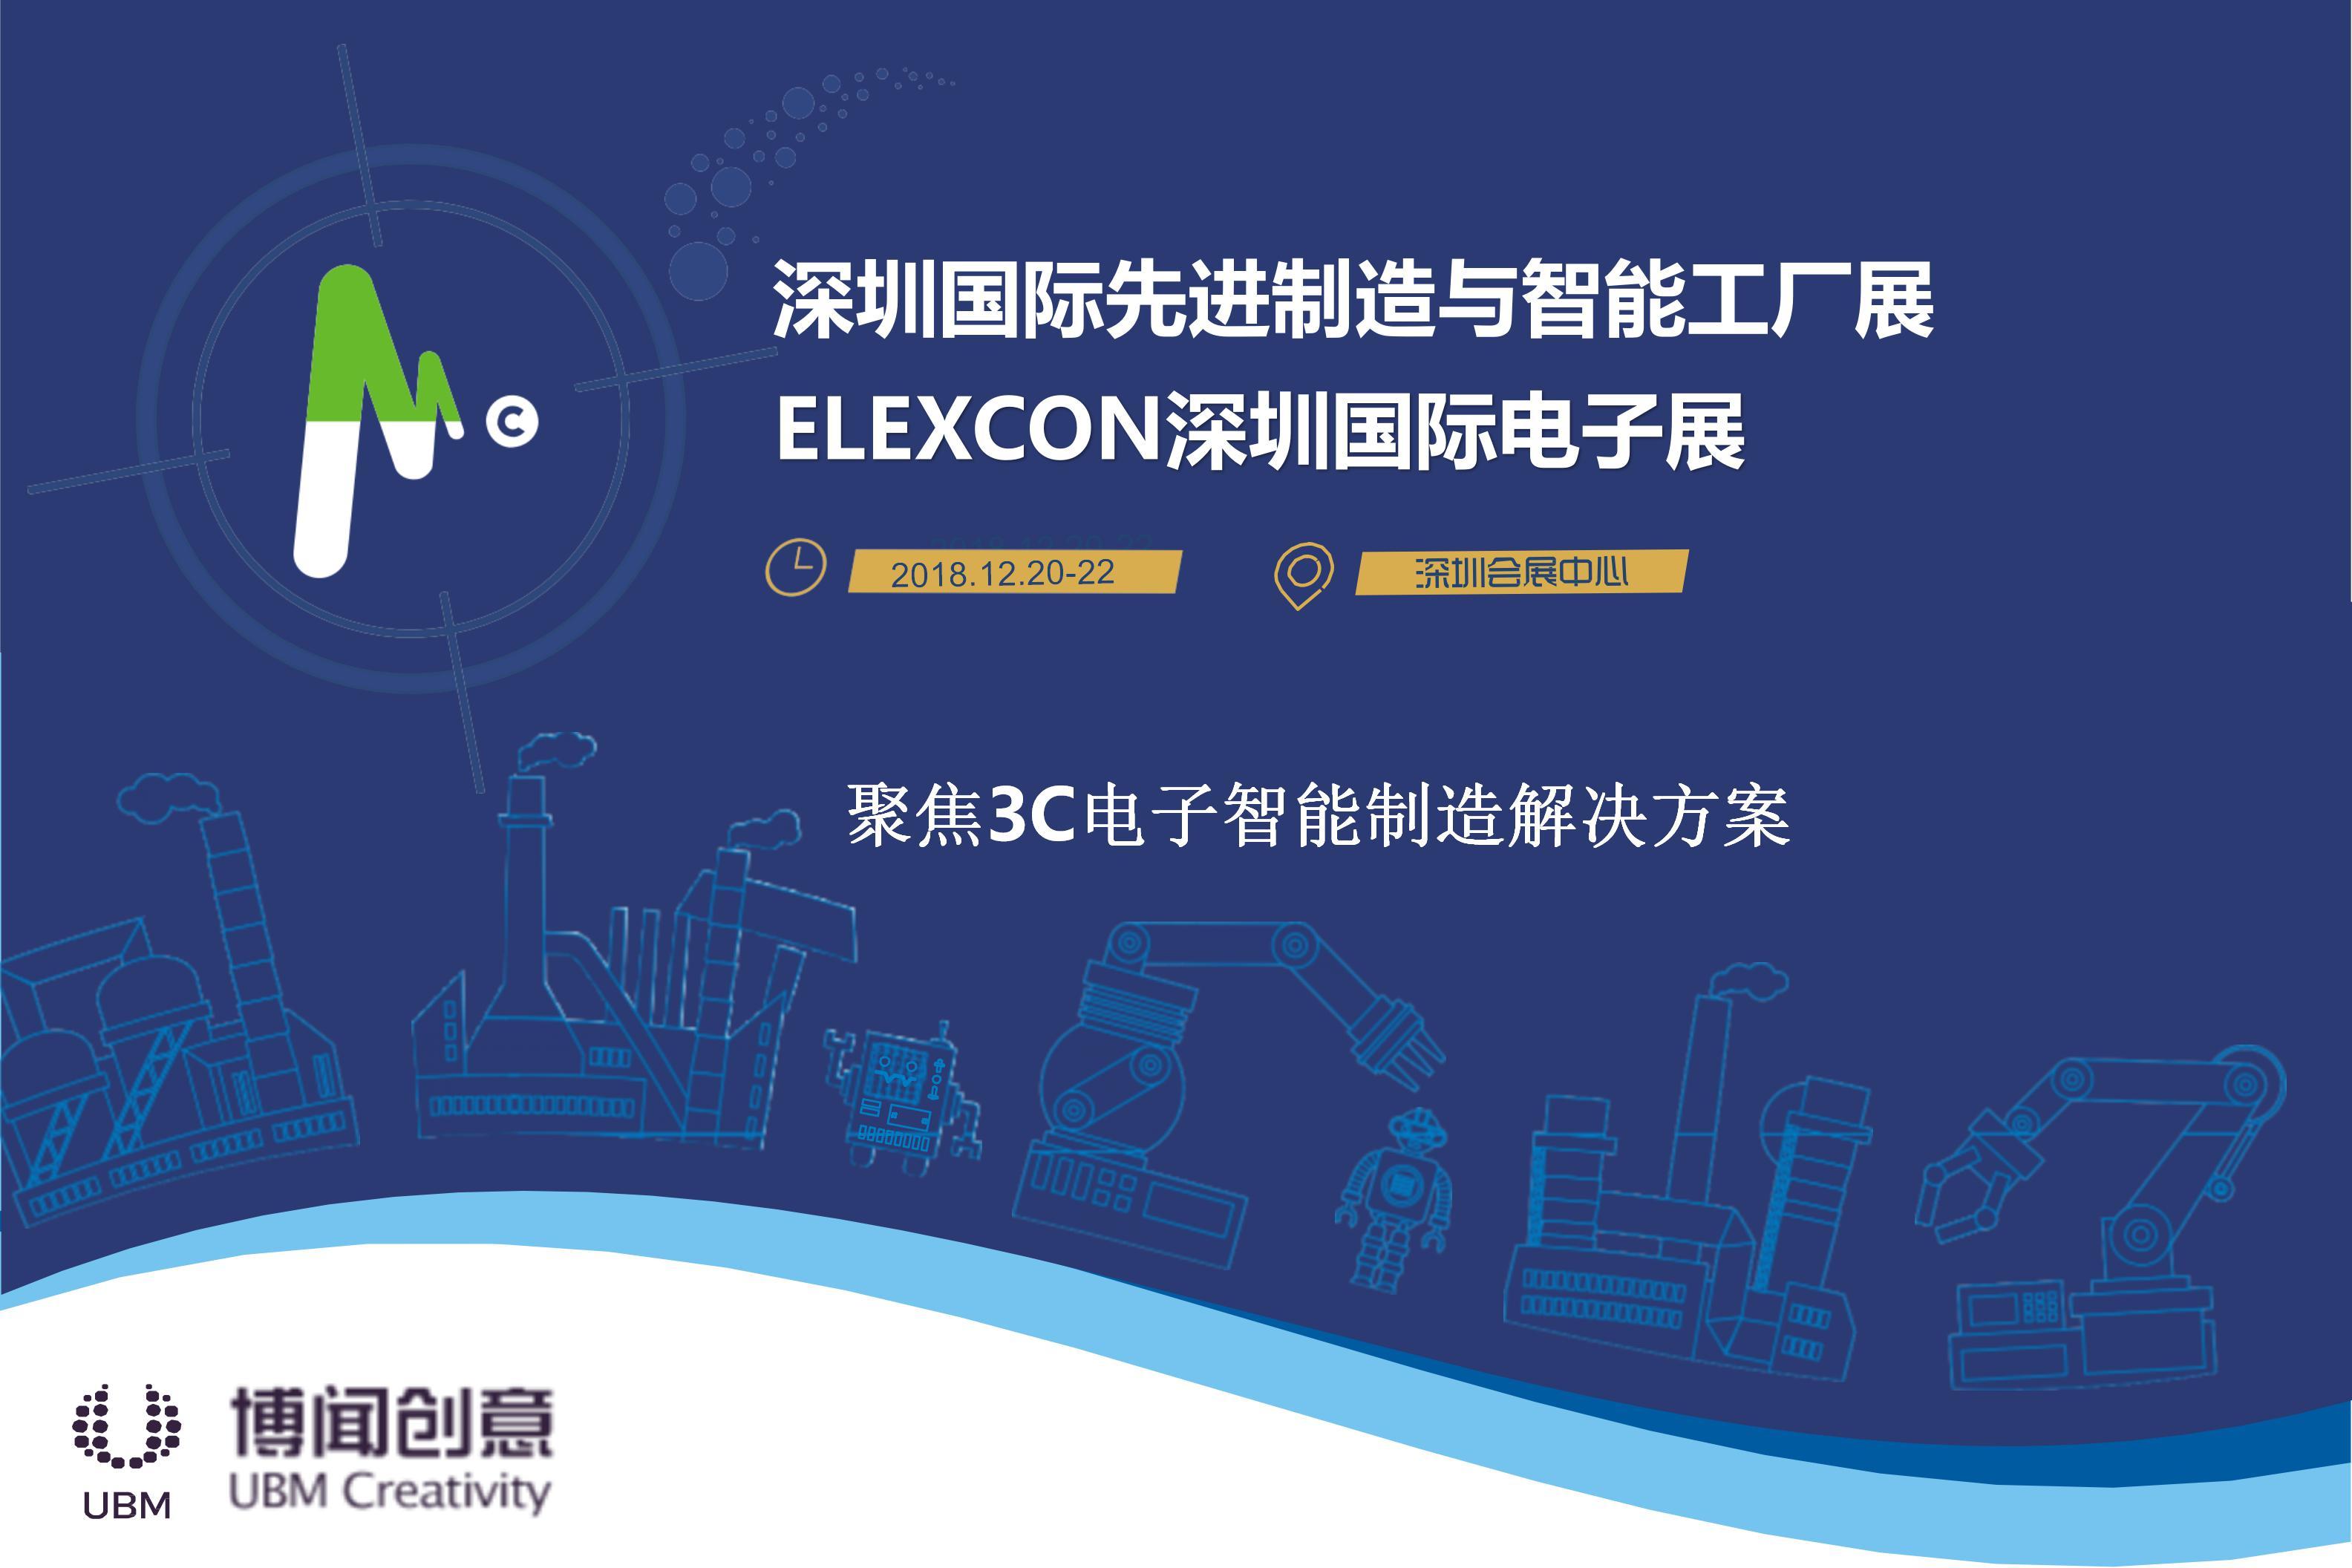 12月展会:深圳国际先进制造与智能工厂展 & ELEXCON深圳国际电子展